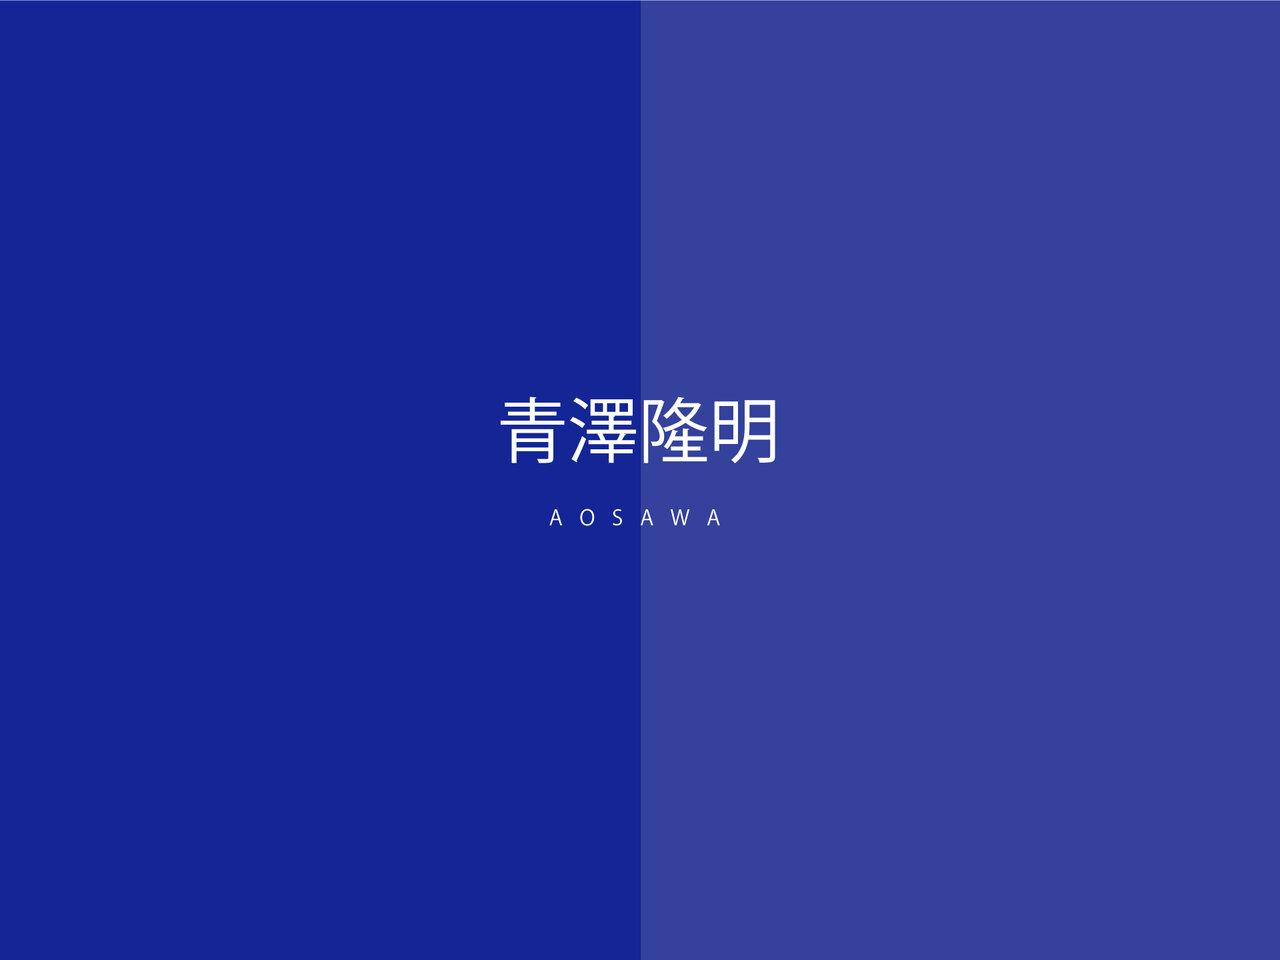 弾き振りで生きるベートーヴェン - 三浦文彰 & ARKシンフォニエッタ